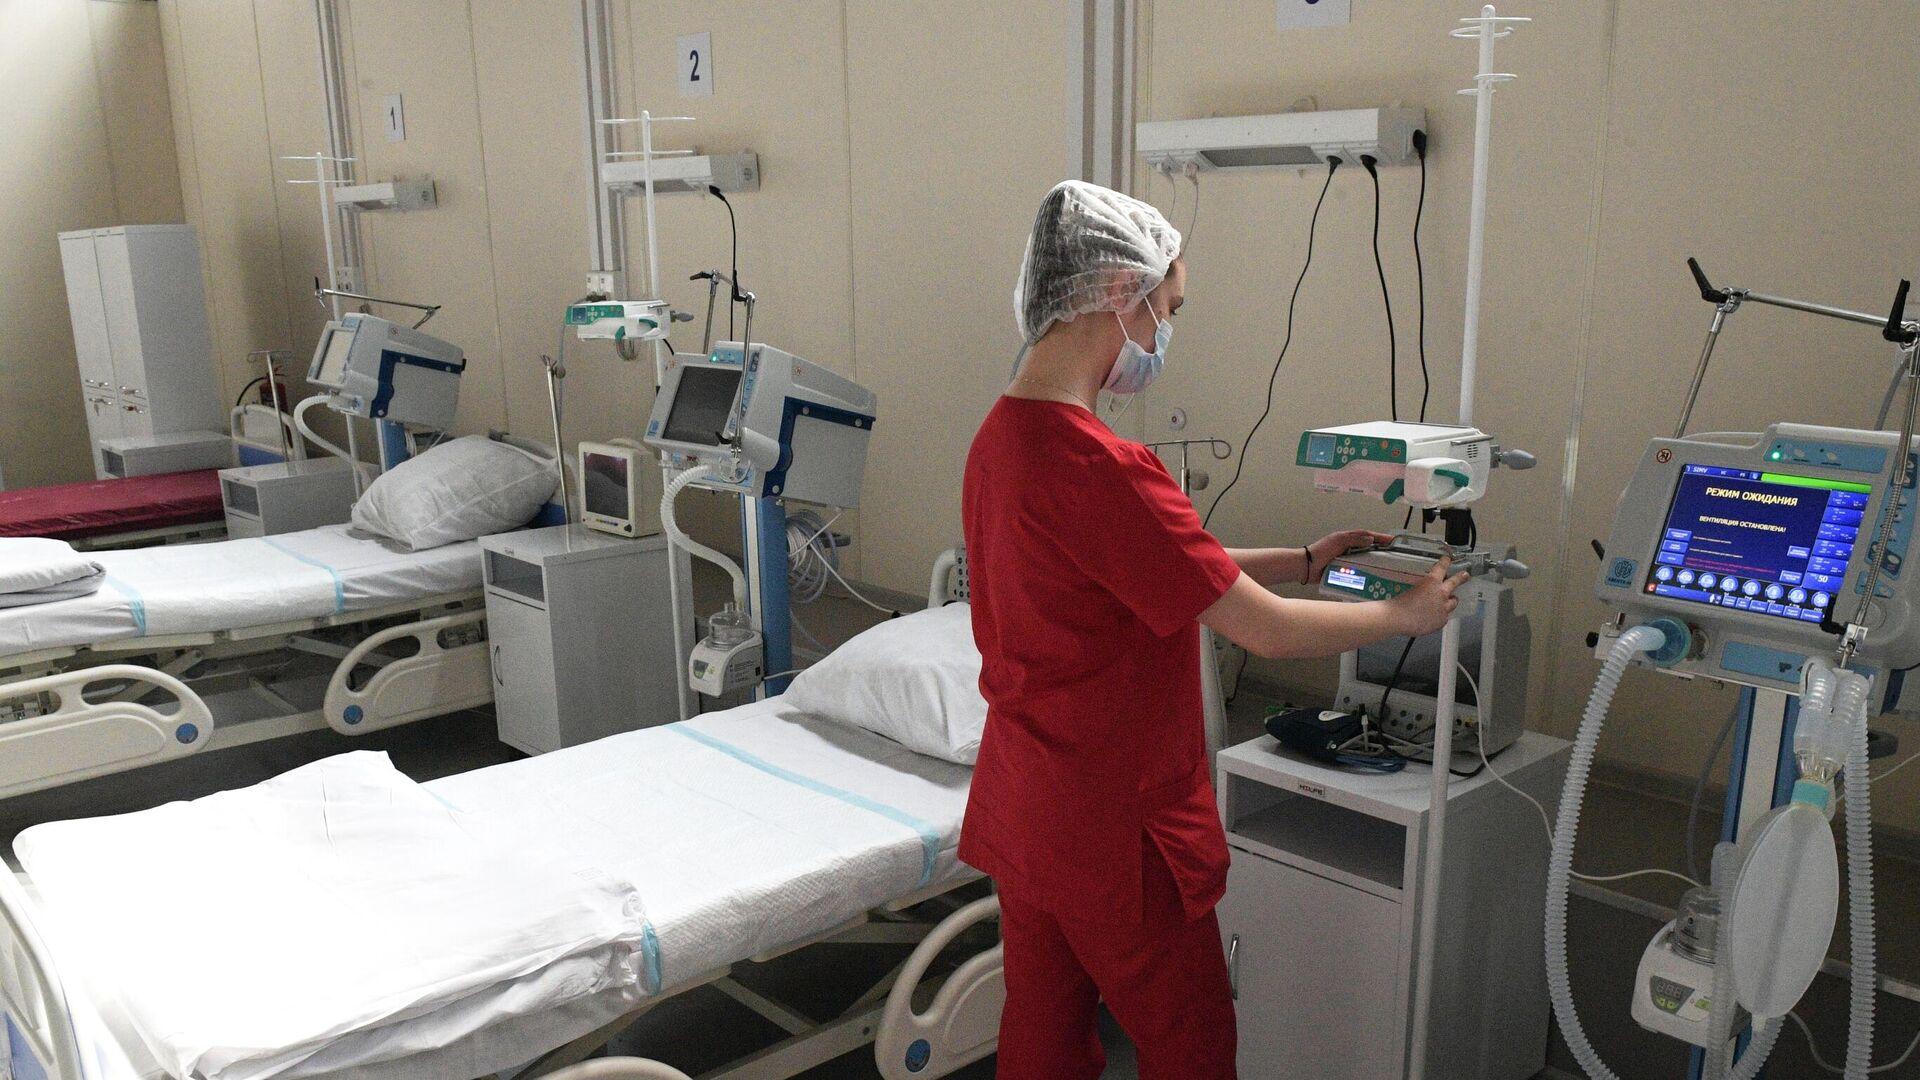 Медицинский работник в отделении реанимации и интенсивной терапии - РИА Новости, 1920, 12.06.2021